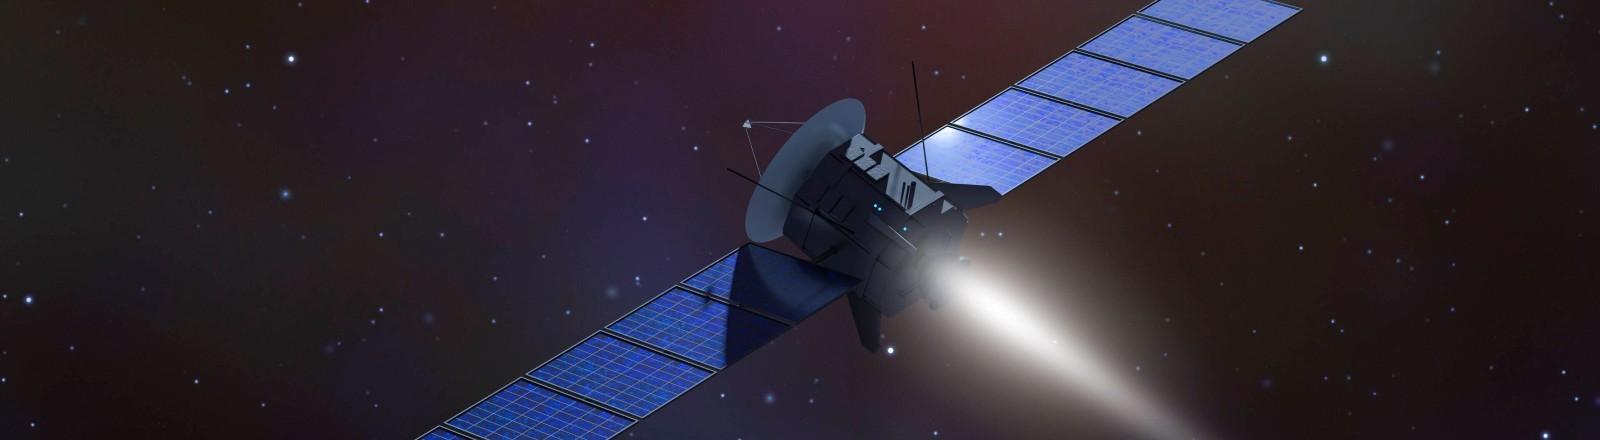 Ein Satellit schwebt im Weltall.